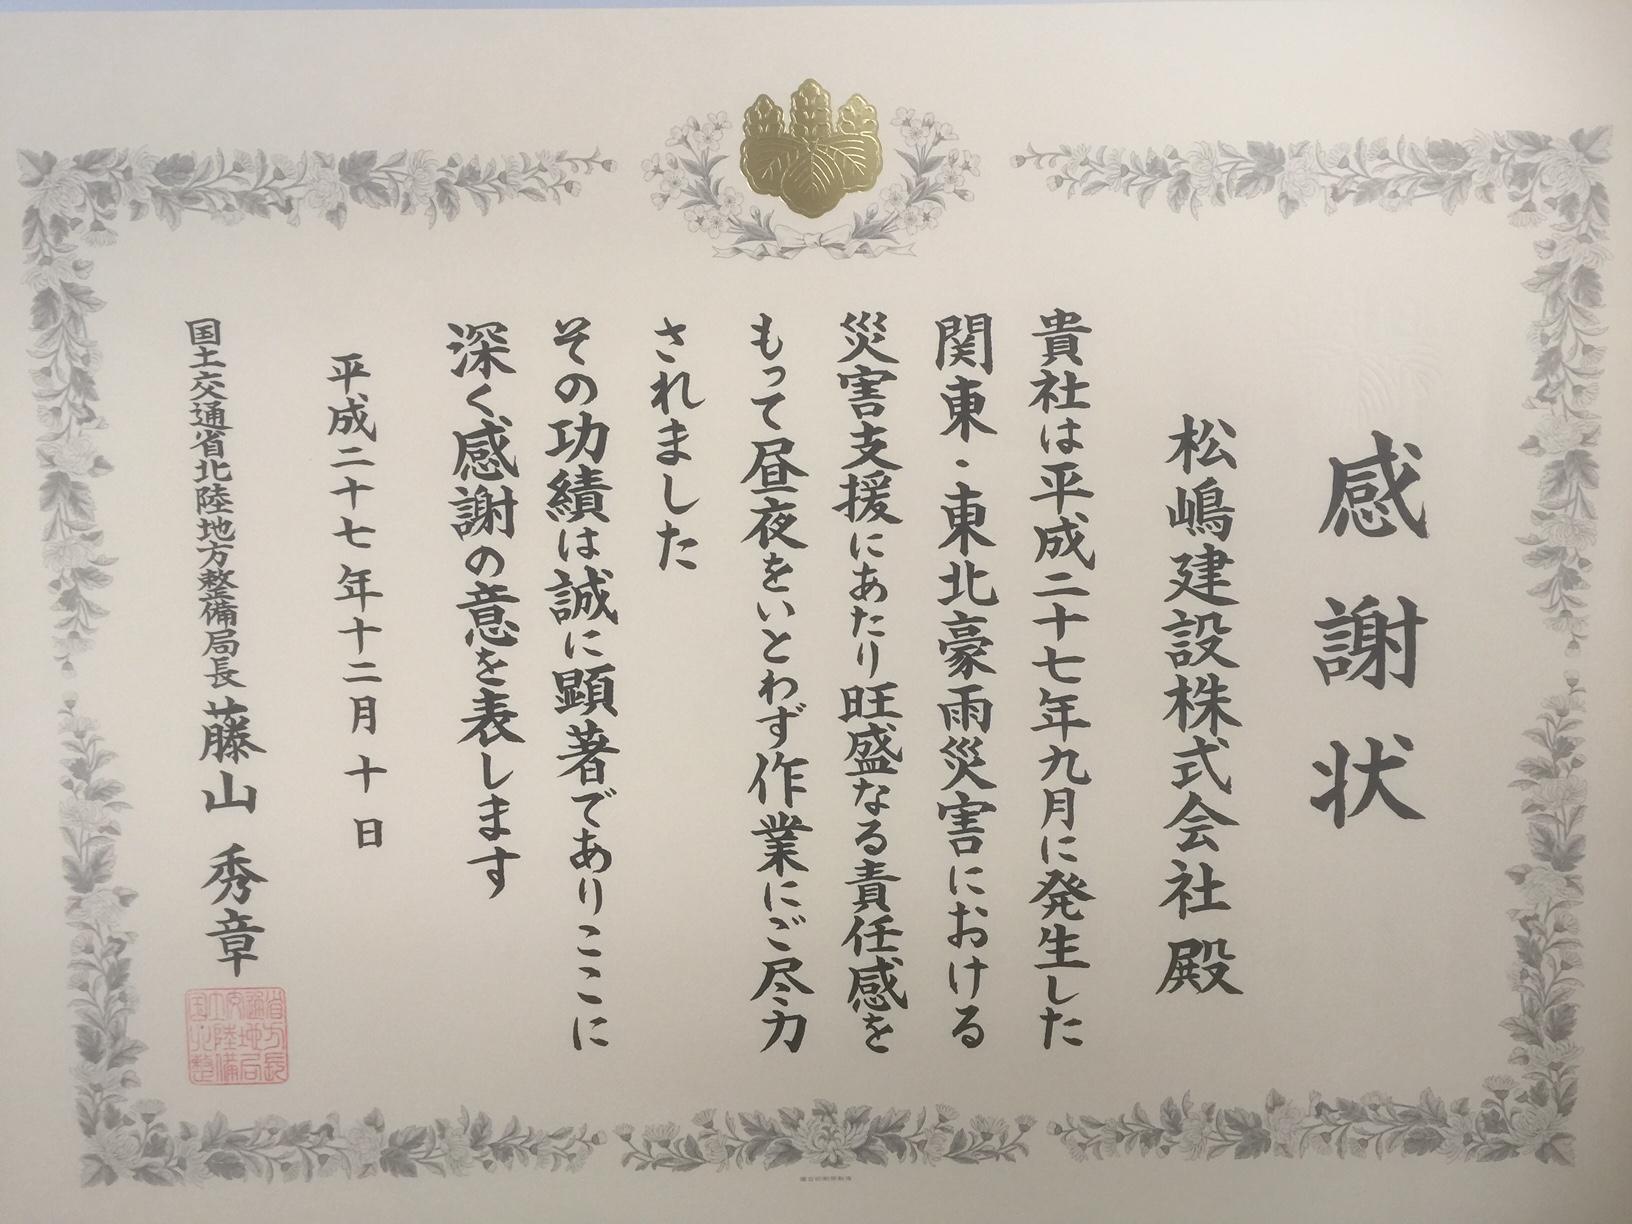 2015-12-10 感謝状 関東東北豪雨.jpg